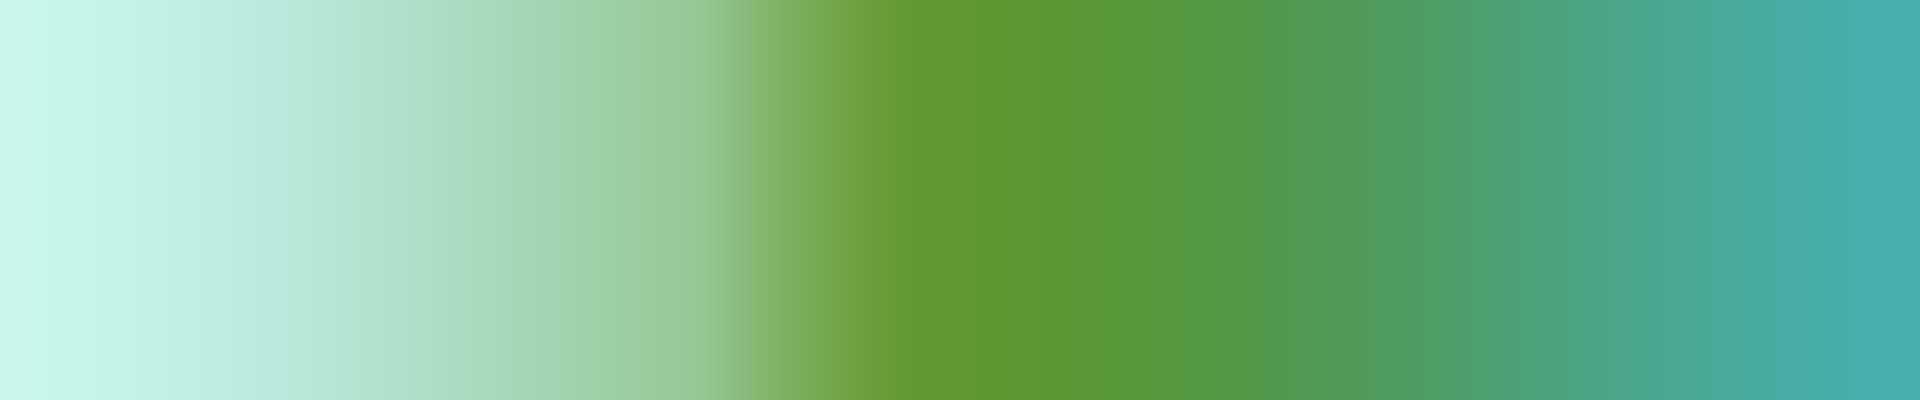 mint, grün, türkis, tanne